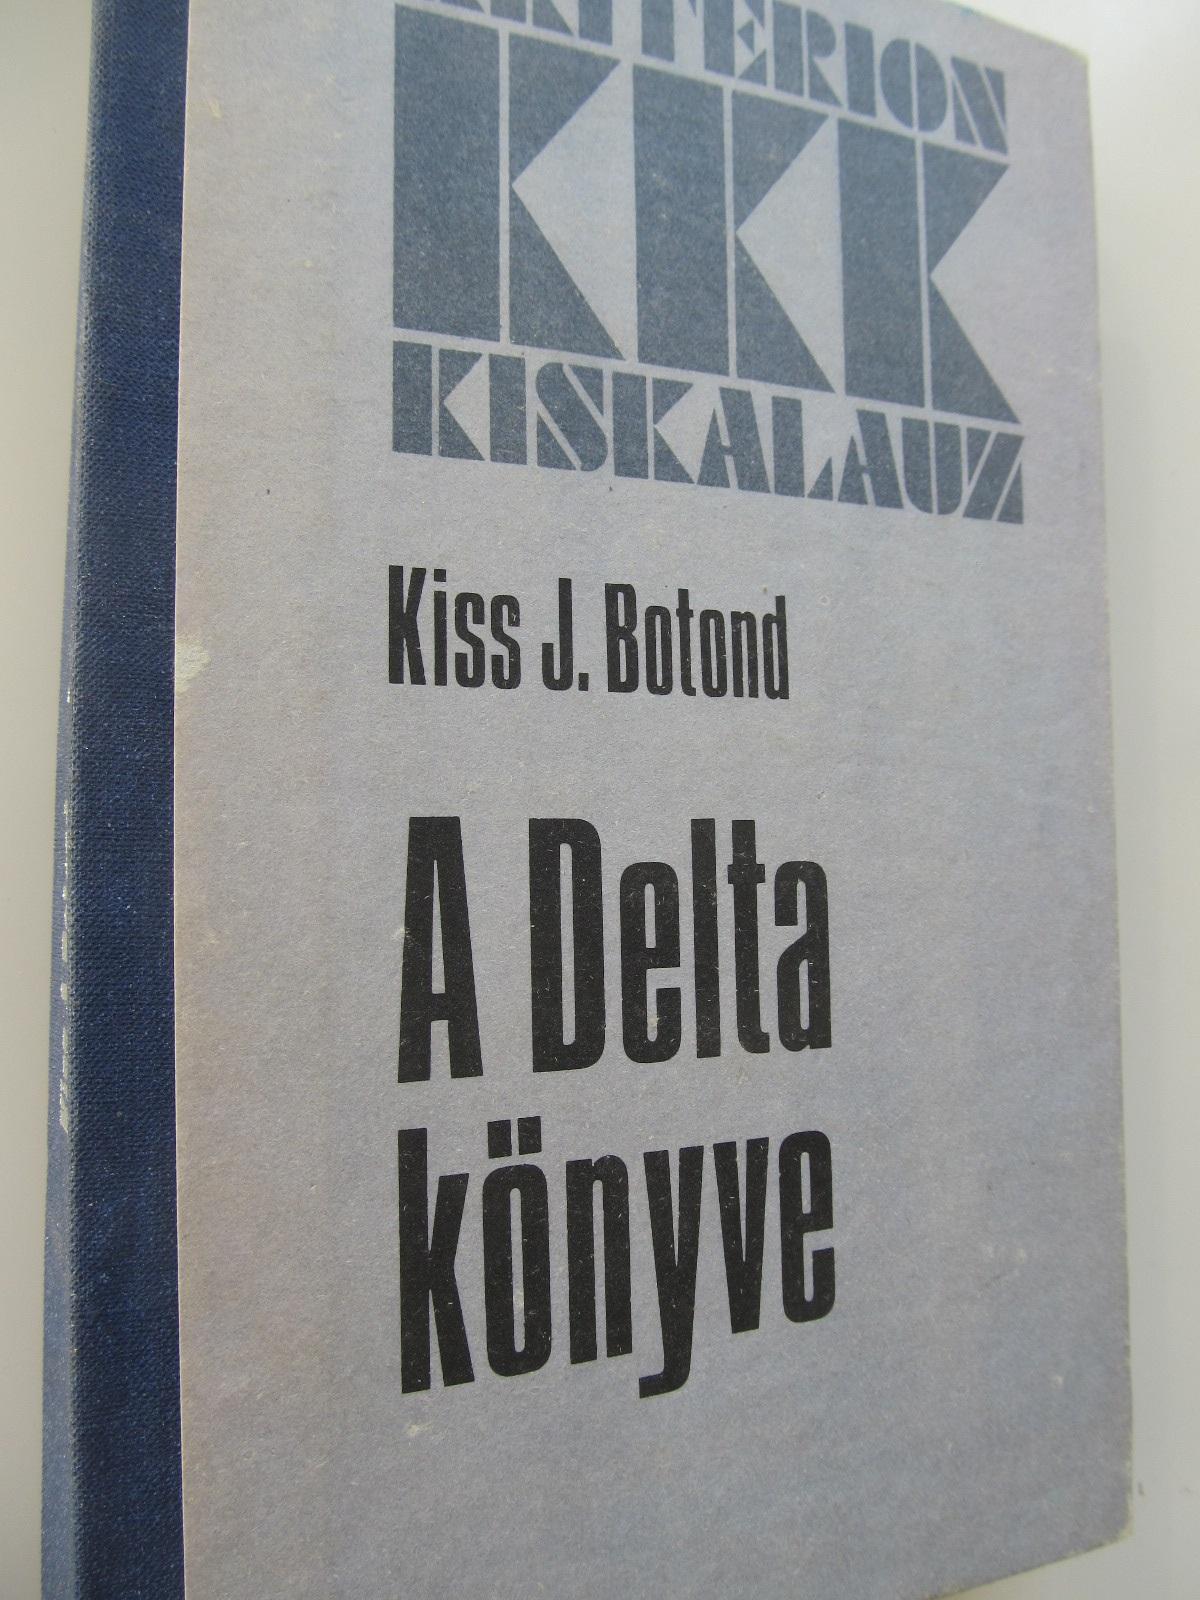 Carte A Delta konyve - Kiss J. Botond